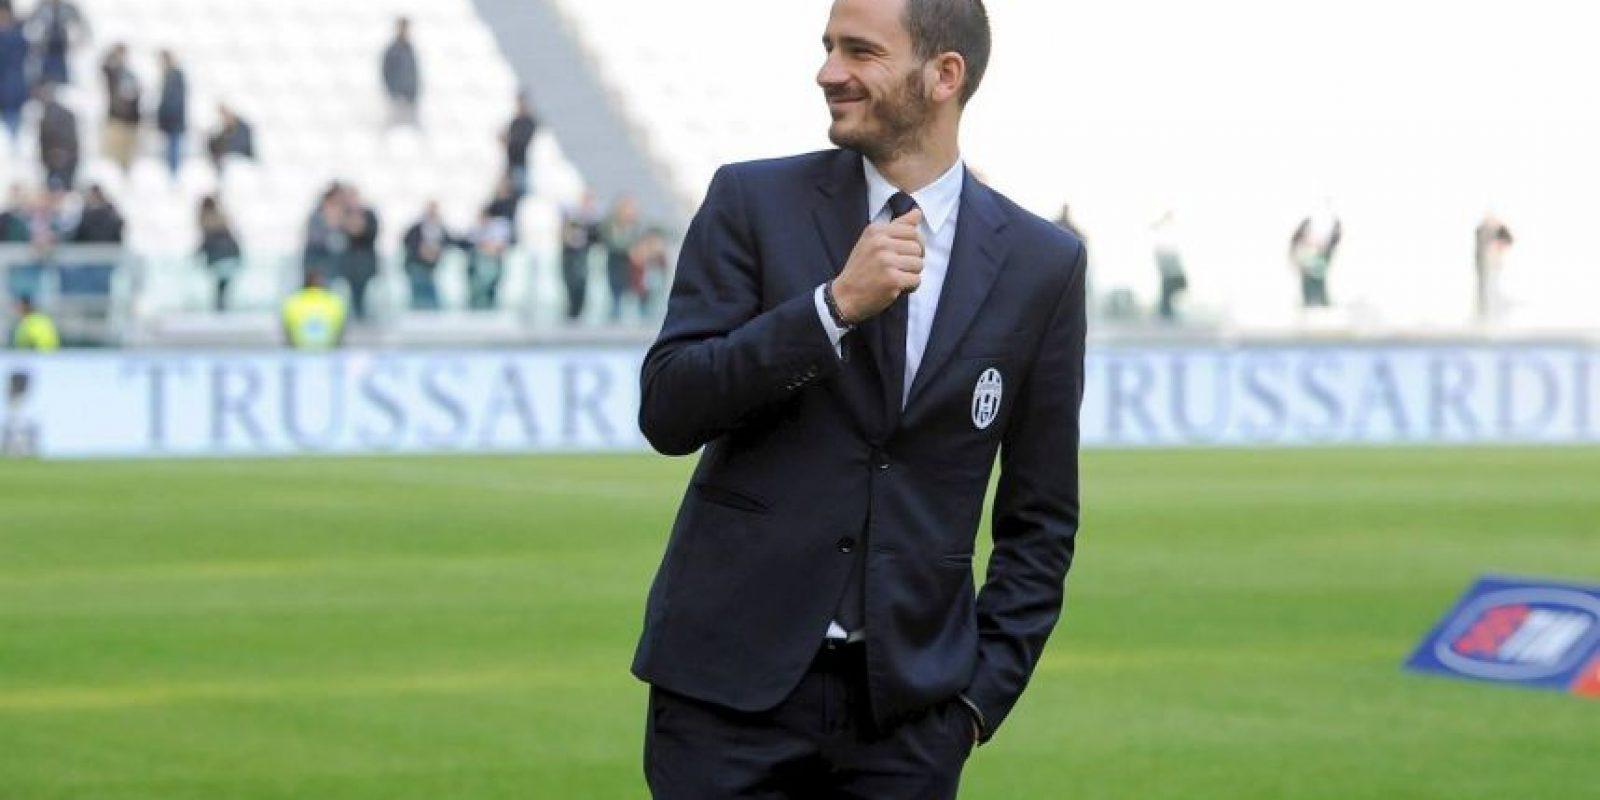 """La casa italiana """"Trussardi"""" es la encargada de que los jugadores """"bianconeros"""" siempre luzcan impecables. Foto:juventus.com"""